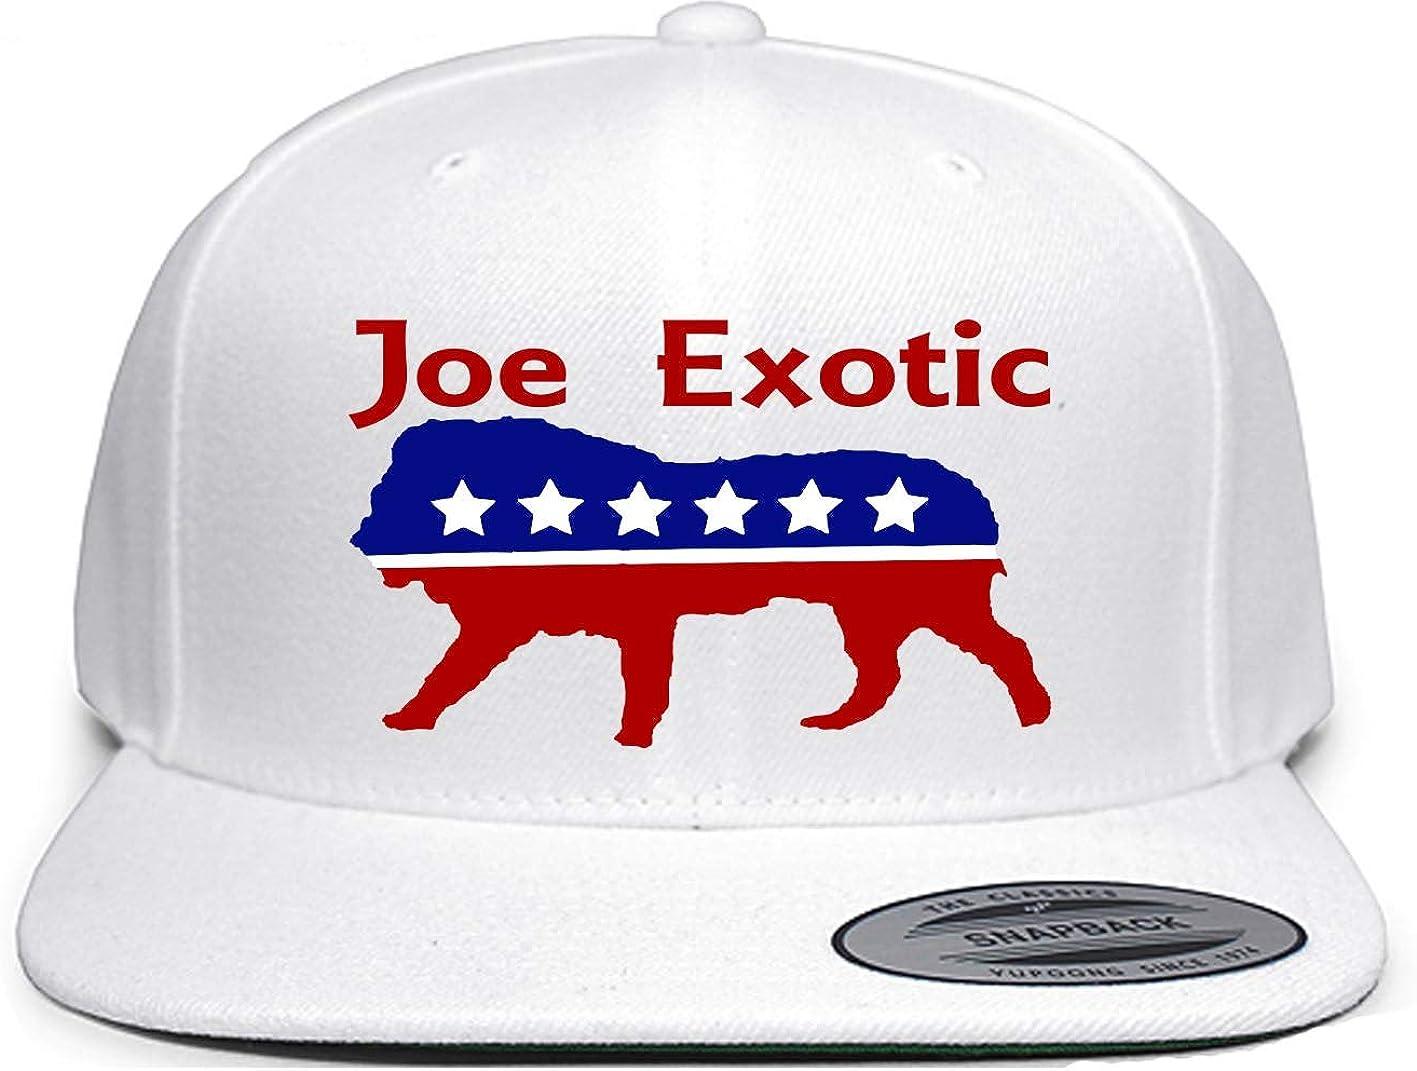 White Snapback Joe Exotic President 2020 Hat Amazon Co Uk Clothing